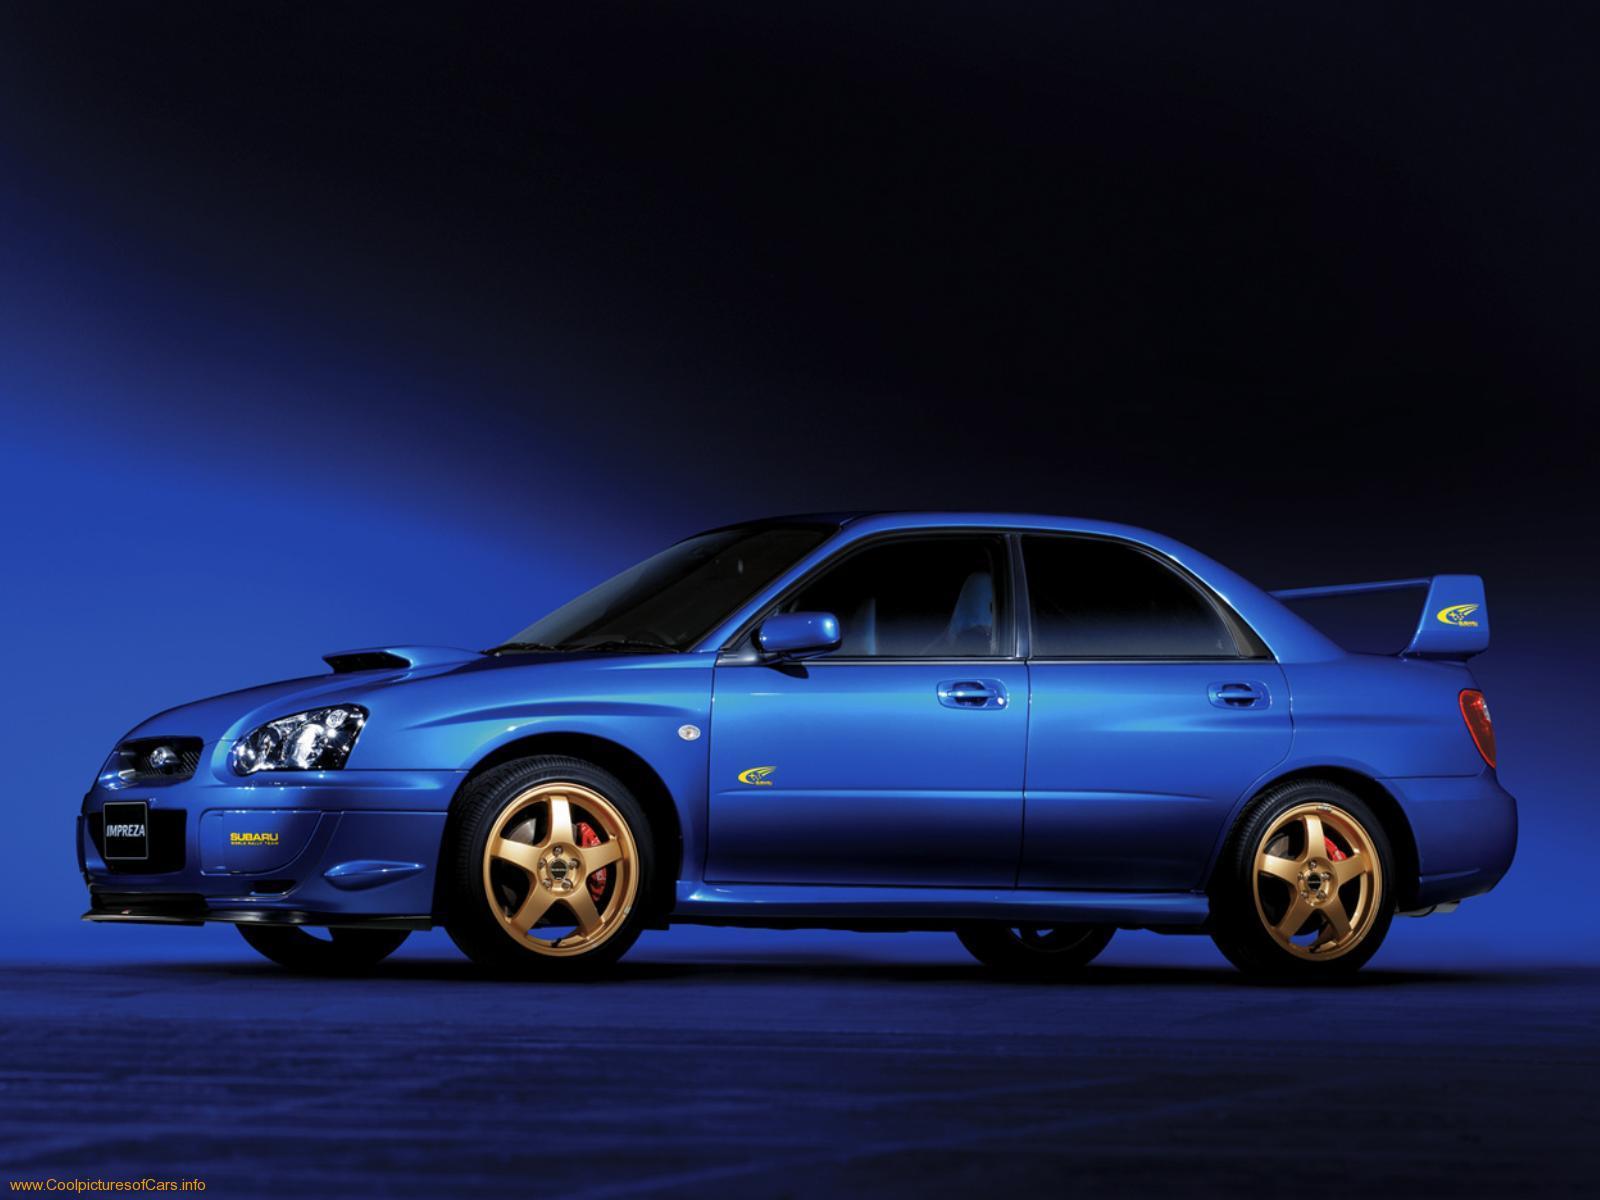 http://1.bp.blogspot.com/-Uj4SxzXL33E/T0nm8-RLmMI/AAAAAAAACJM/b6bS6IsXnxE/s1600/2004-Subaru-Impreza-WRX-STi-006-1.jpeg